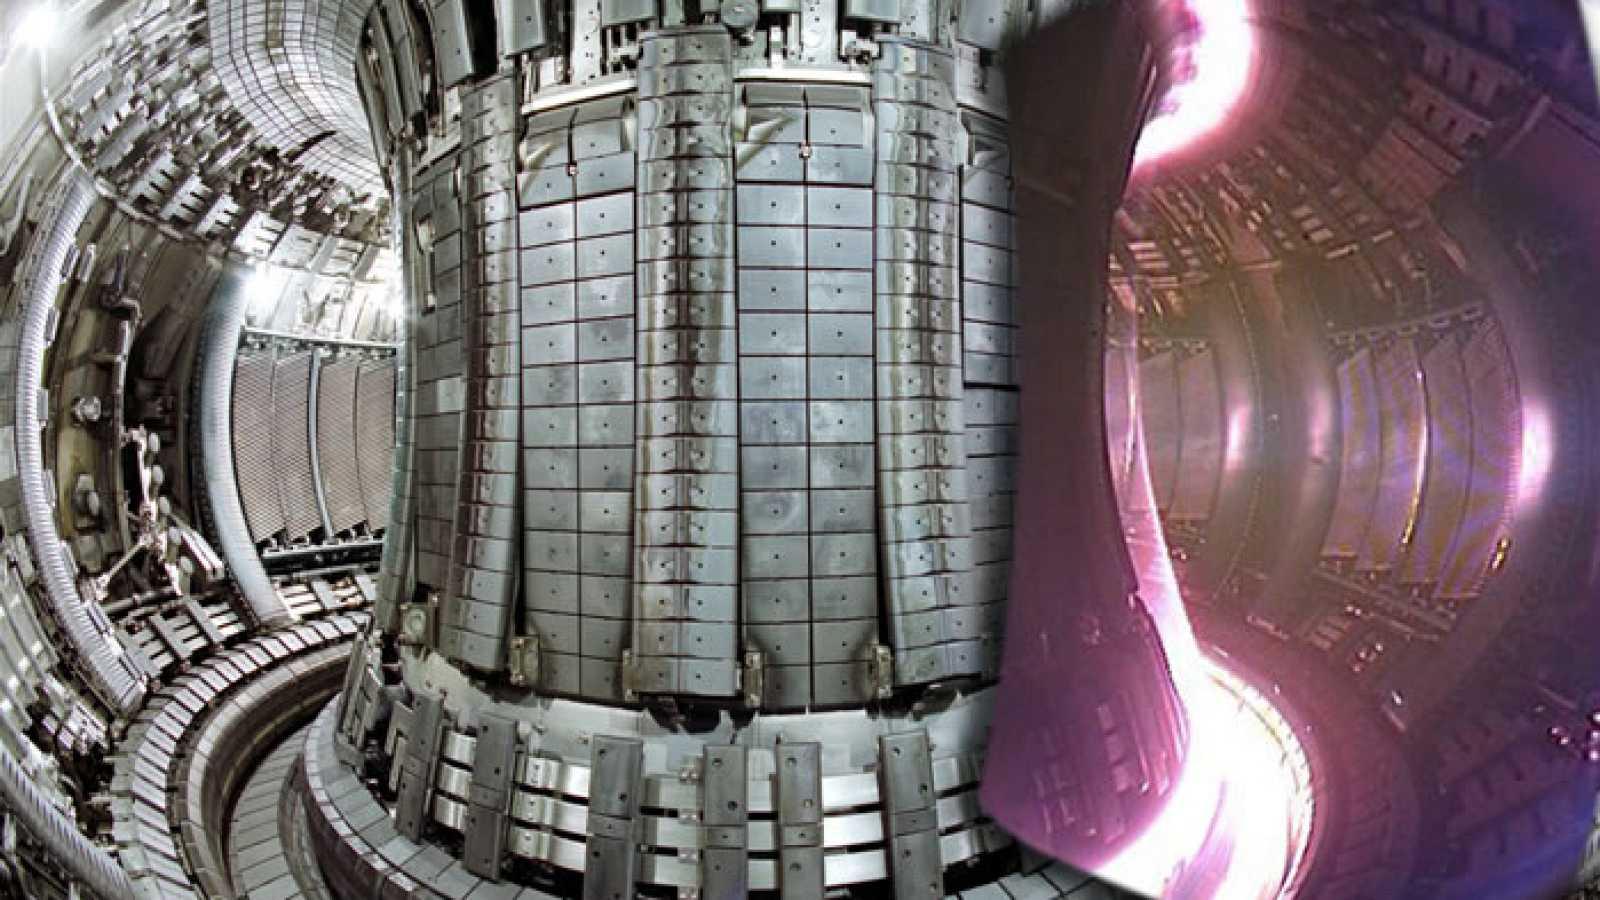 Sostenible y renovable - Iter, el camino a la fusión nuclear - 29/01/17 - escuchar ahora